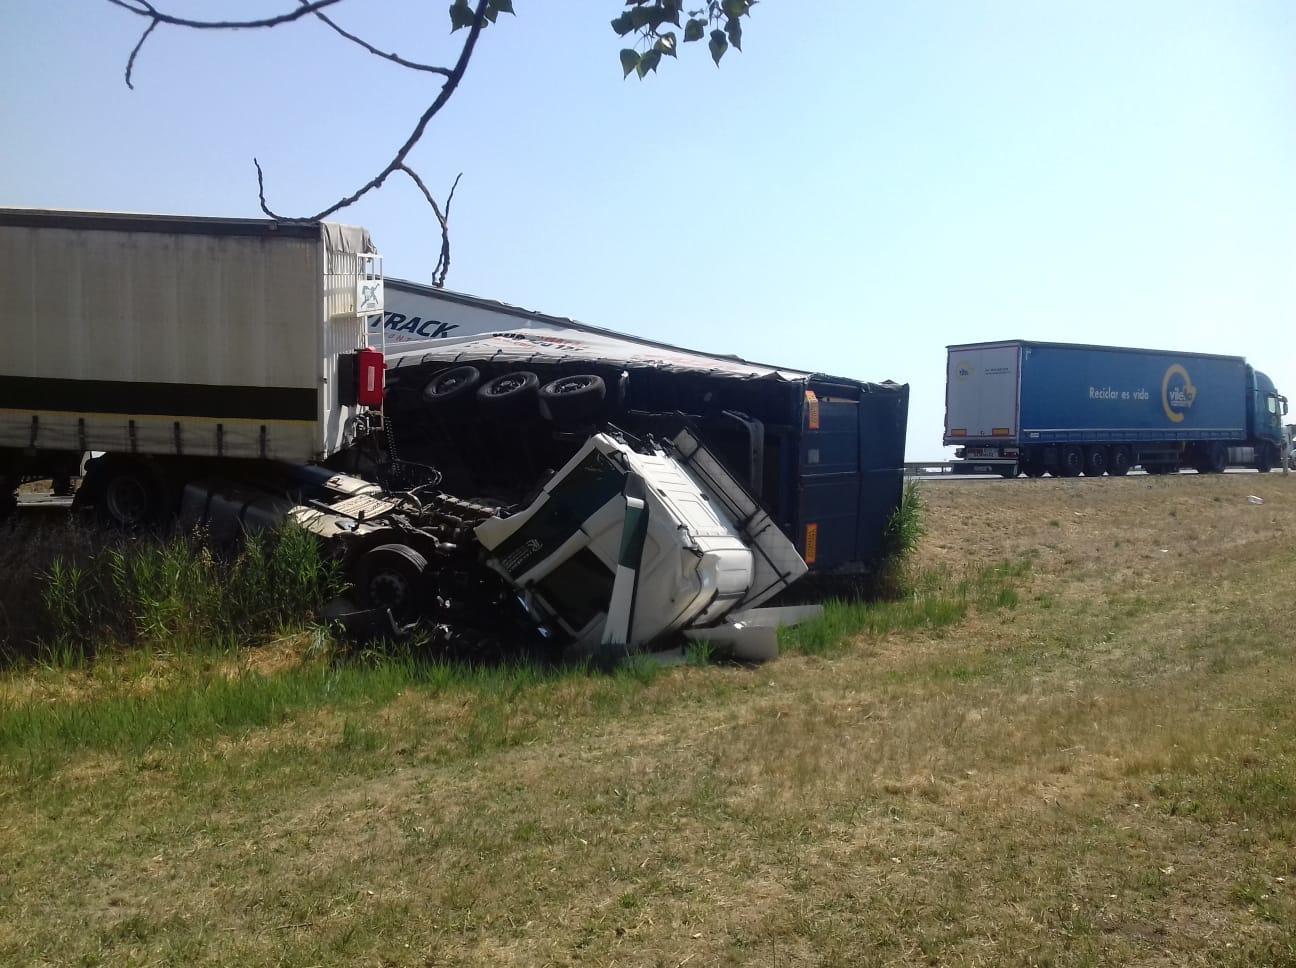 Aspecte d'un camió accidentat en un sinistre a l'A-2, a l'altura de Sidamon (Pla d'Urgell), el 5 de juliol del 2019. Pla general. (Horitzontal)